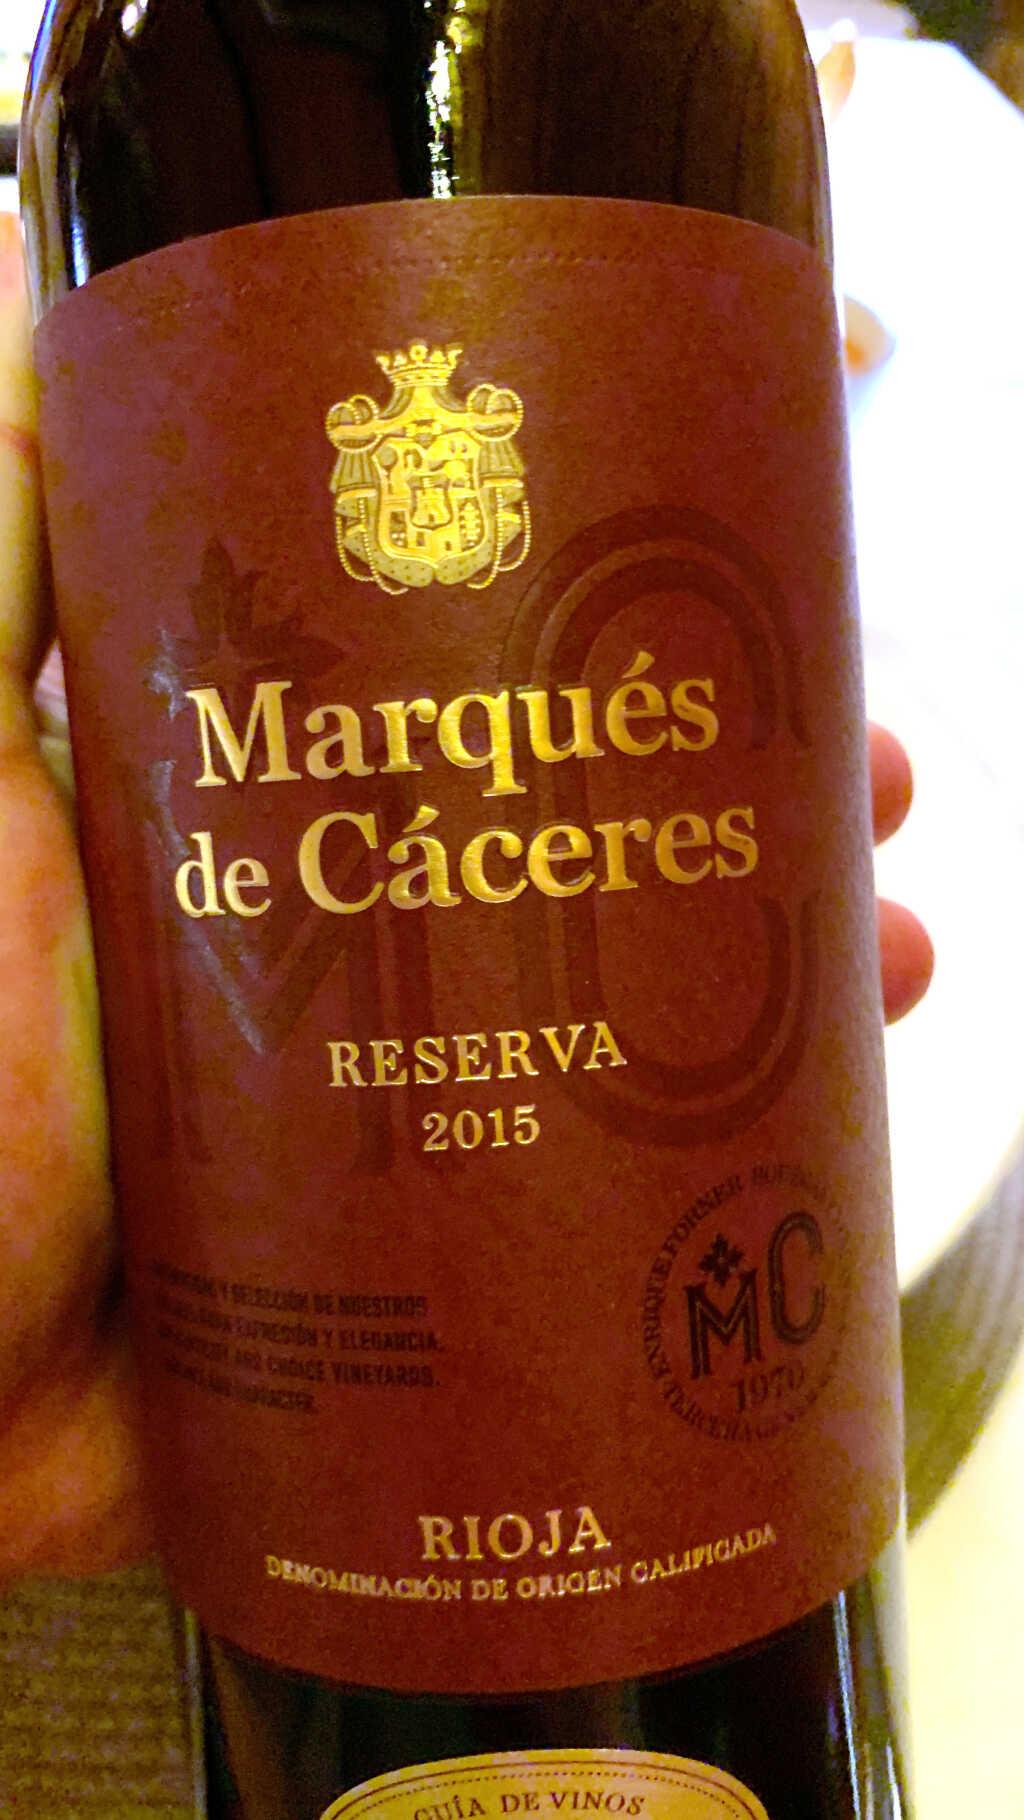 2015 Marqués de Cáceres Reserva